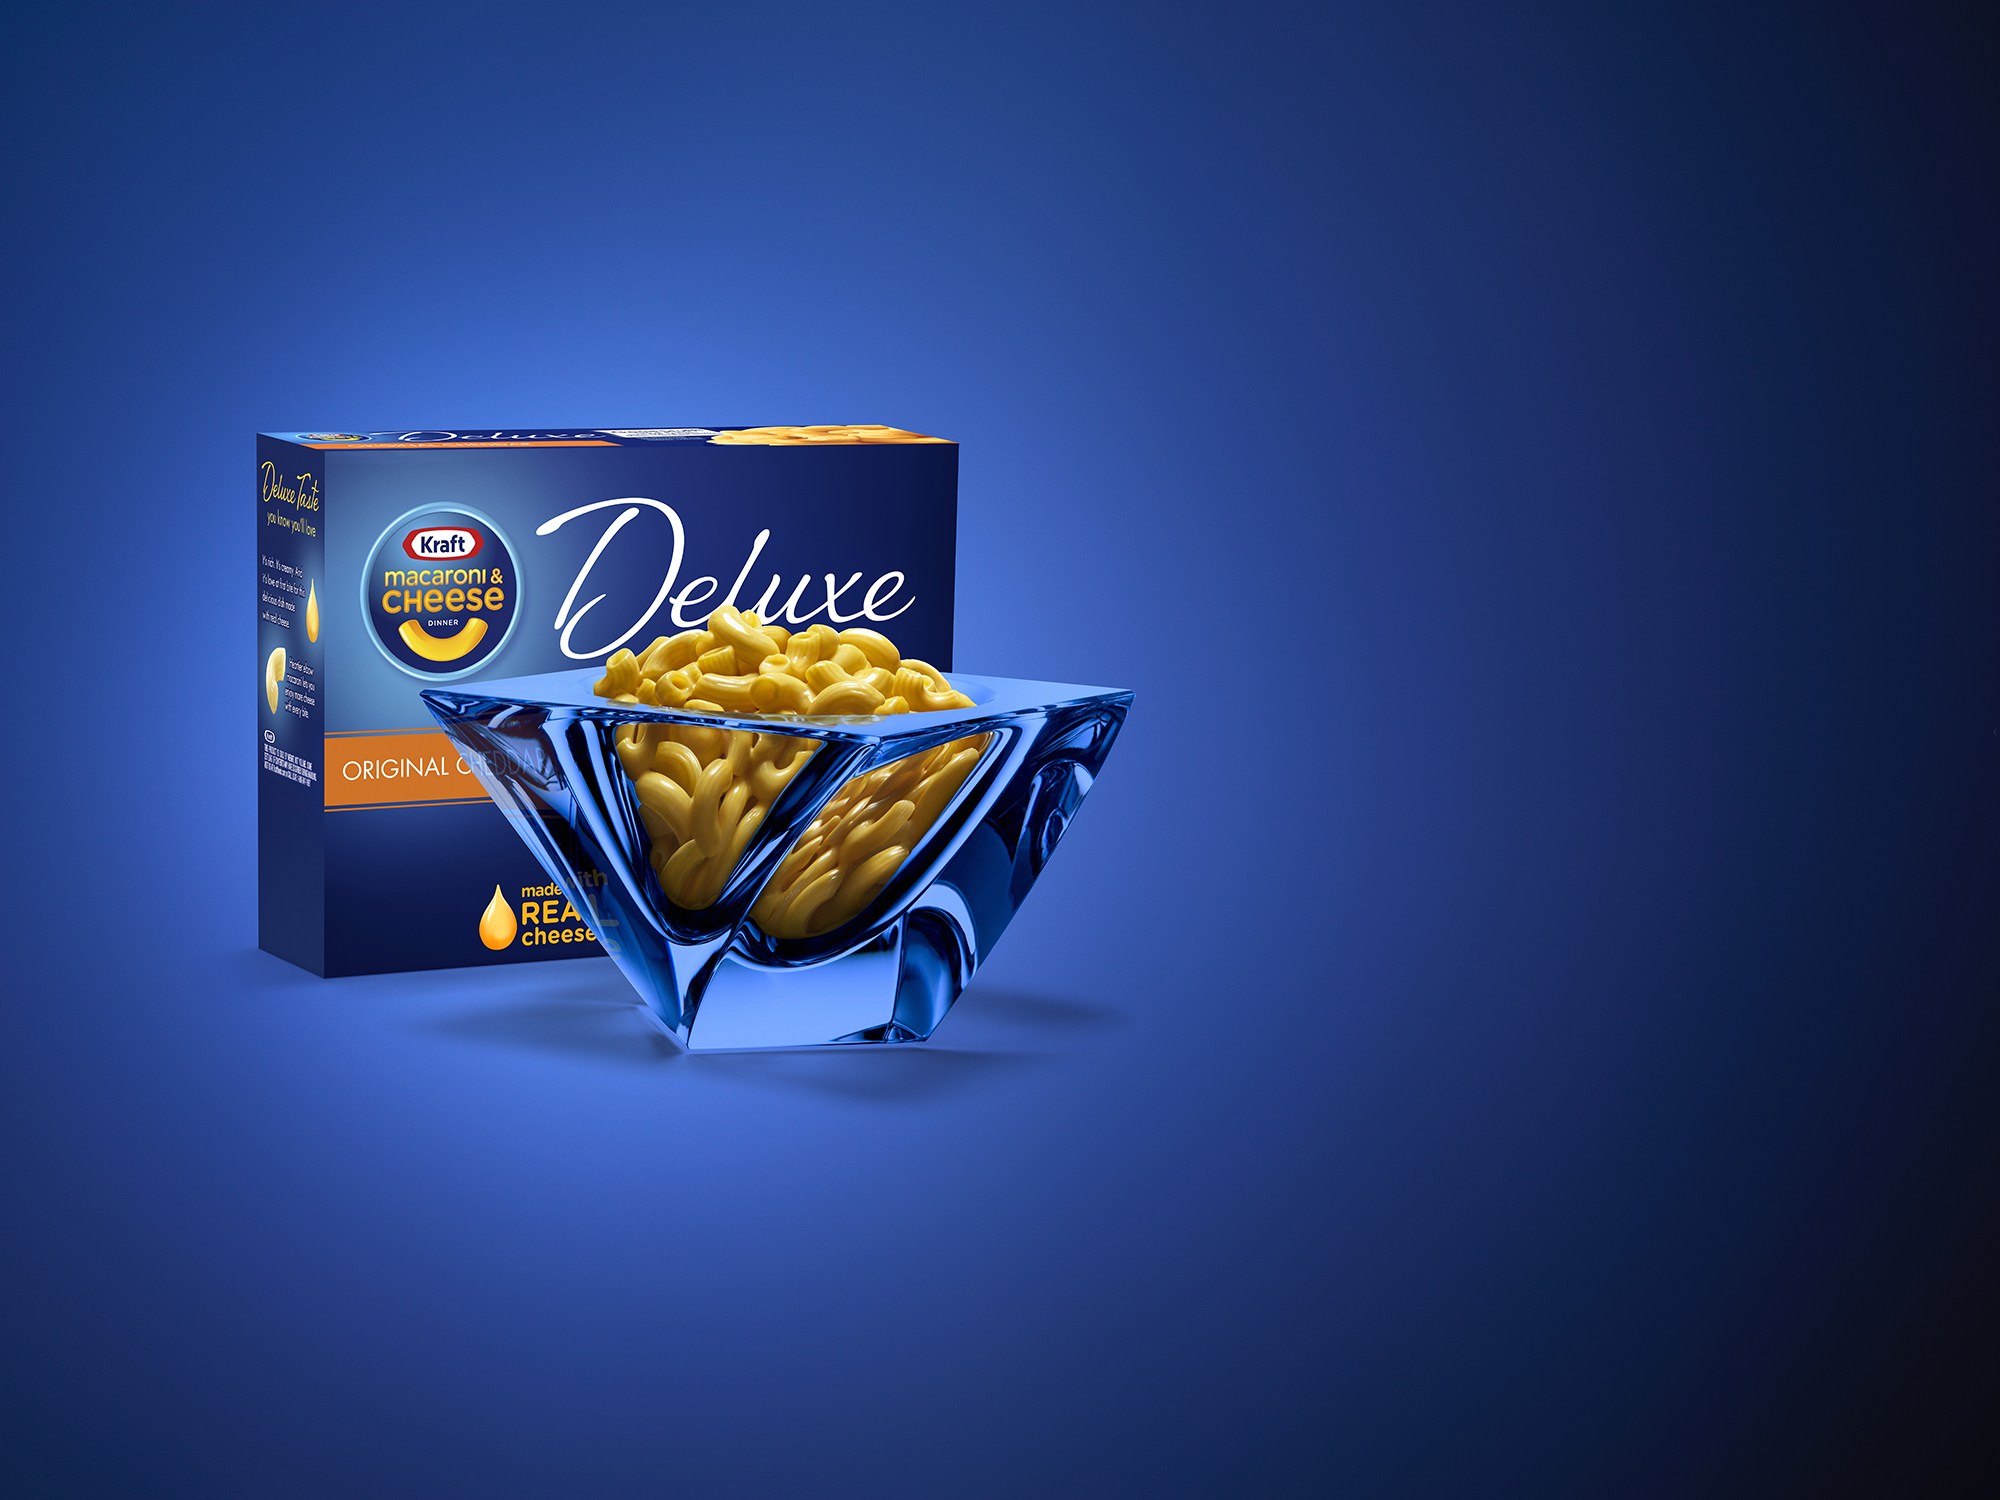 XYZ Kraft Macaroni and Cheese Deluxe